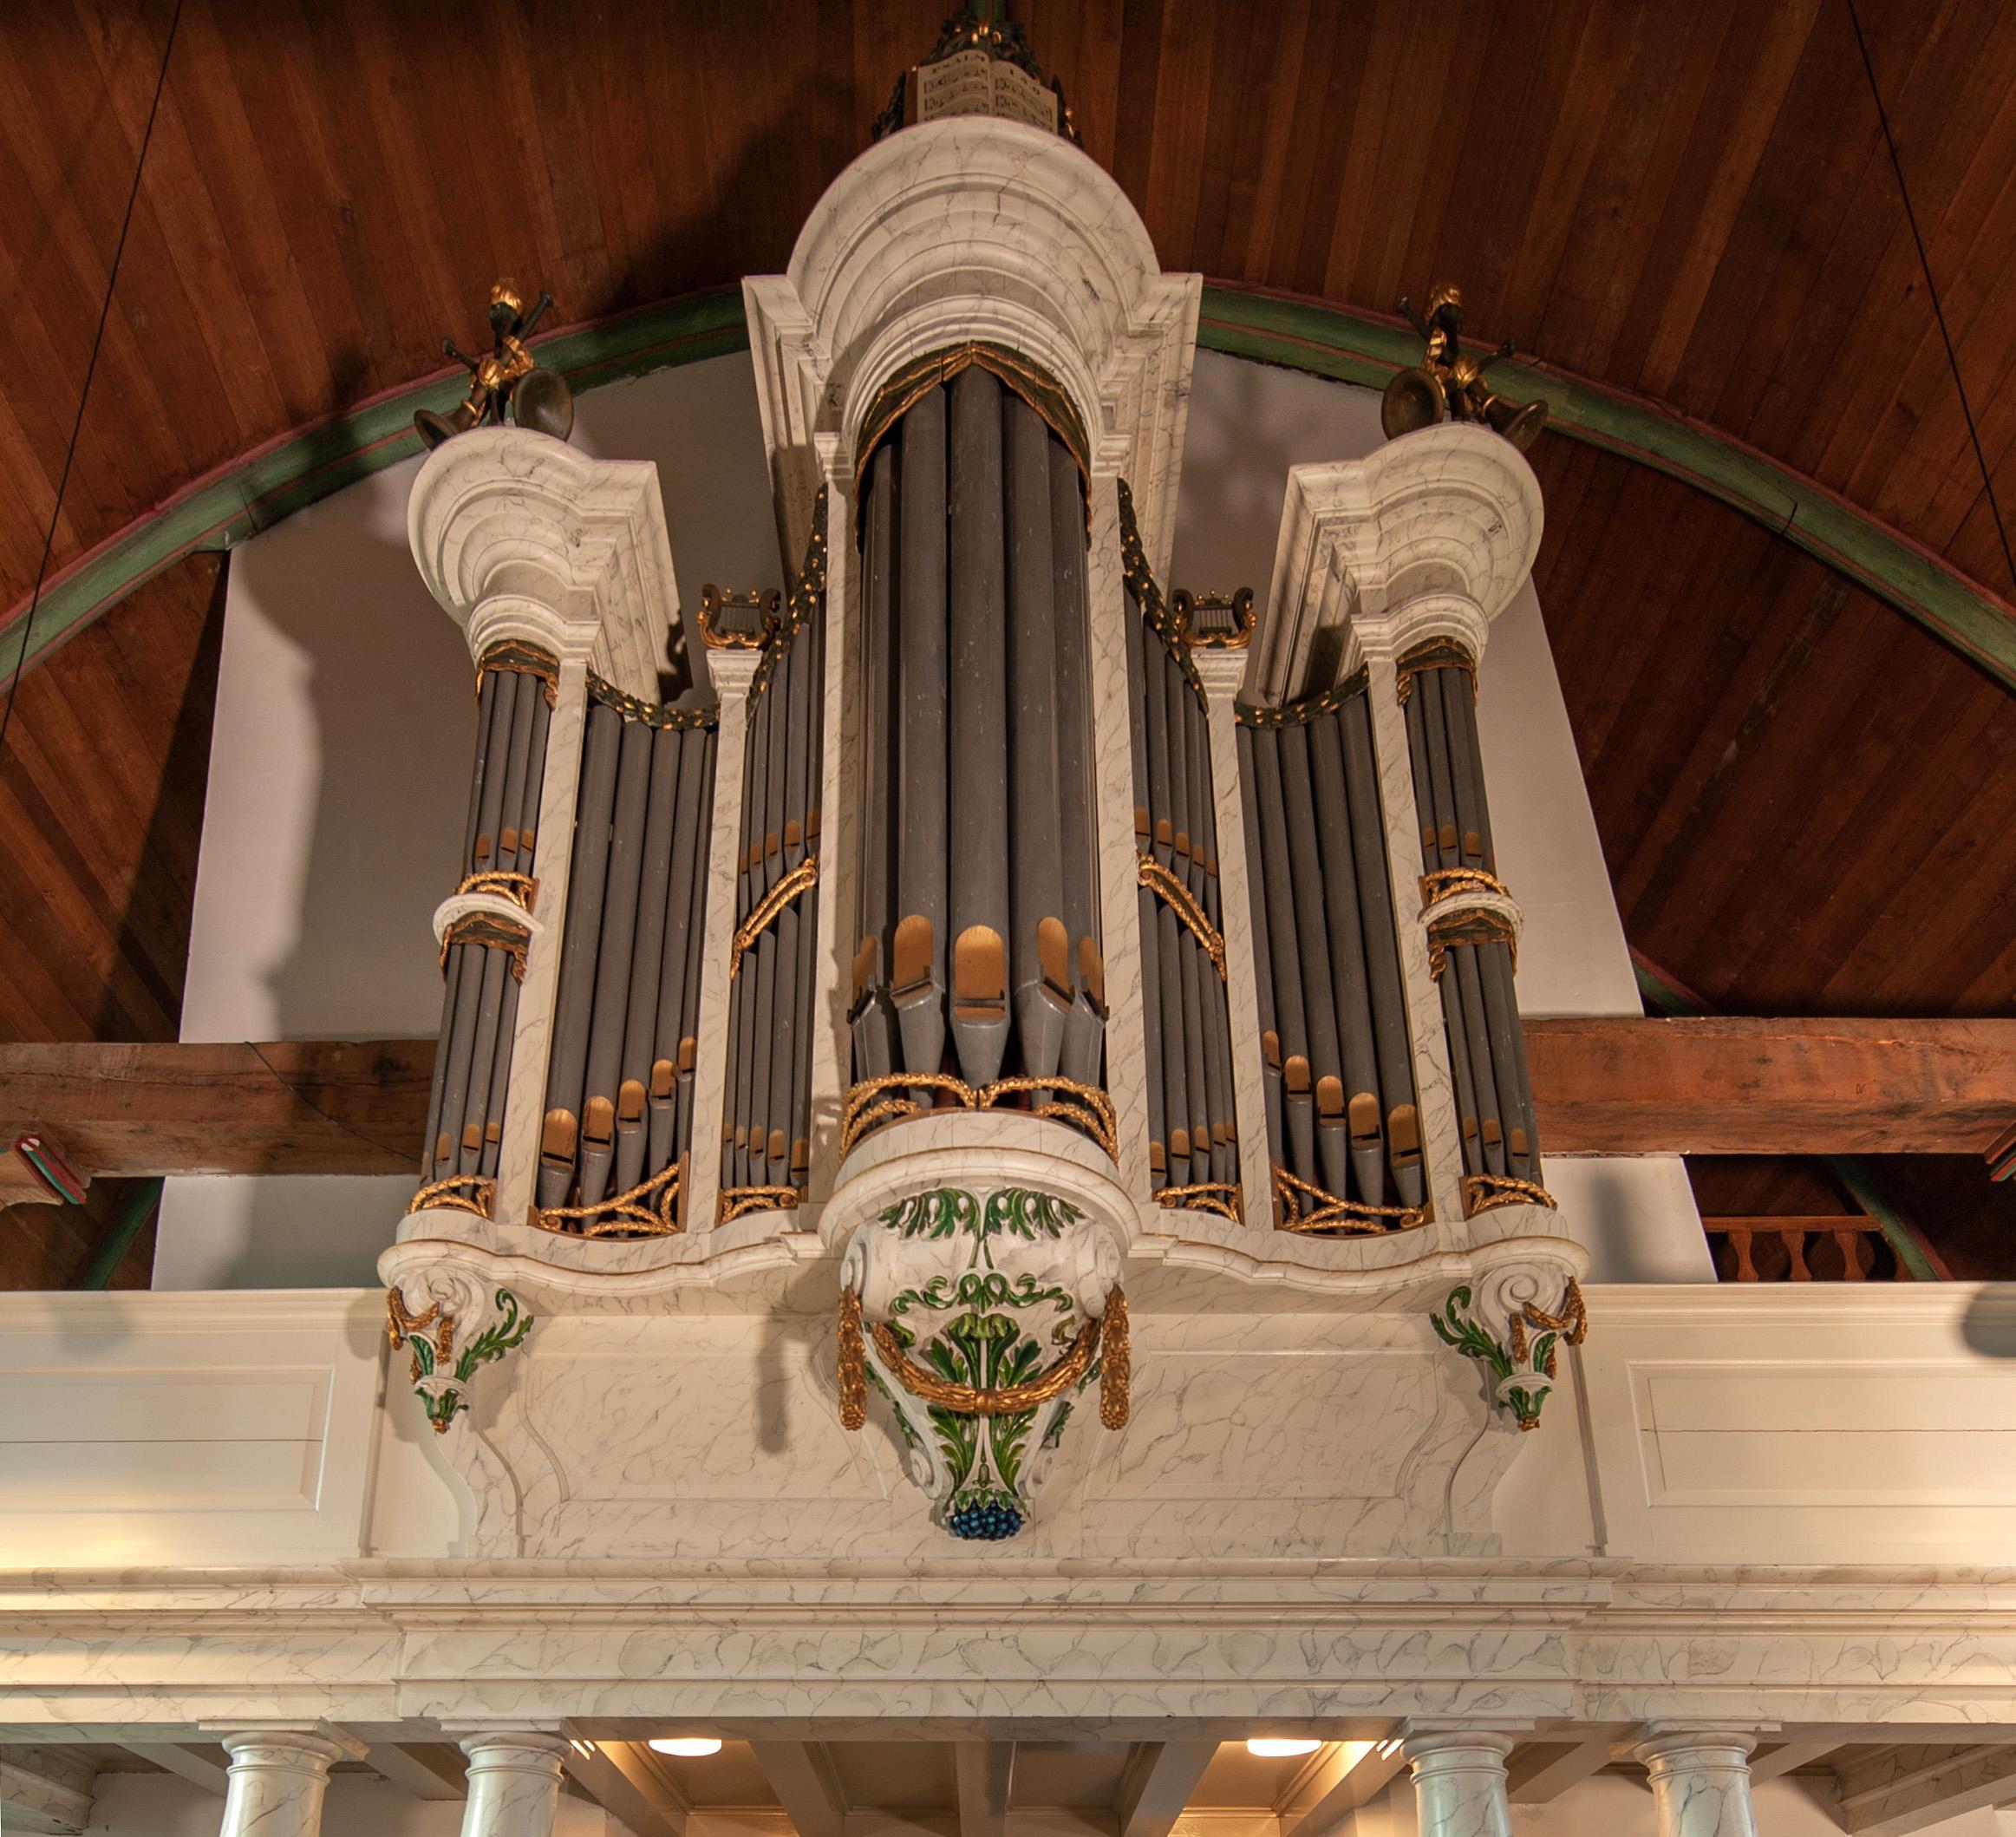 De parel van de Utrechtse orgels, dat van de Vreelandse Nicolaaskerk, wordt gerestaureerd. En dat is nog een verdraaid lastige puzzel